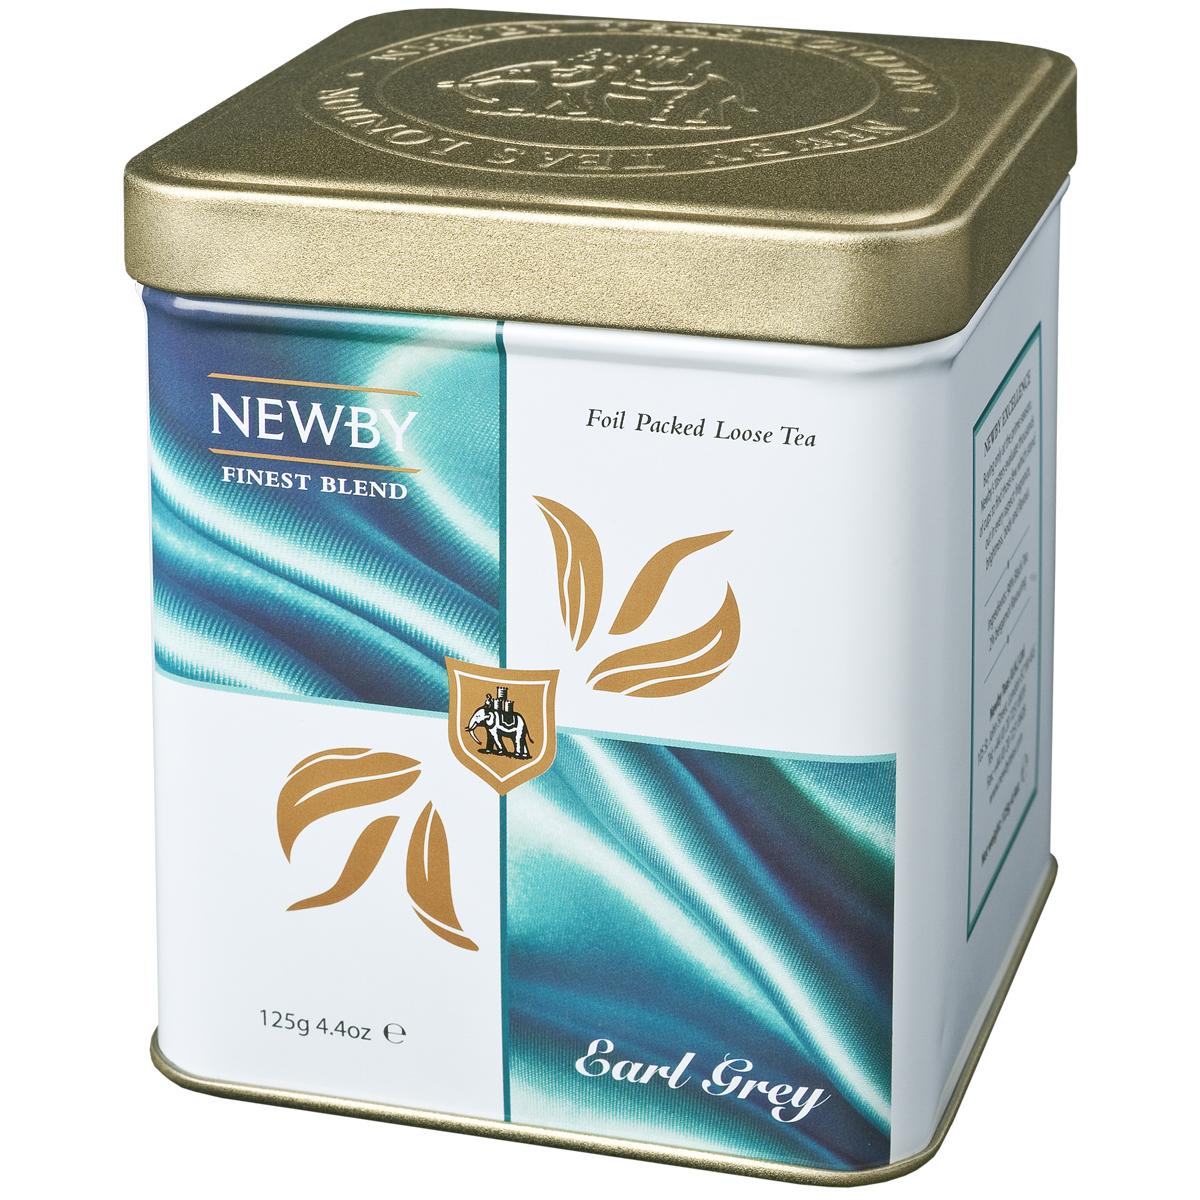 Newby Earl Grey черный листовой чай, 125 г130060Насыщенный черный чай Newby Earl Grey с натуральным ароматом и цитрусовым вкусом спелого бергамота.